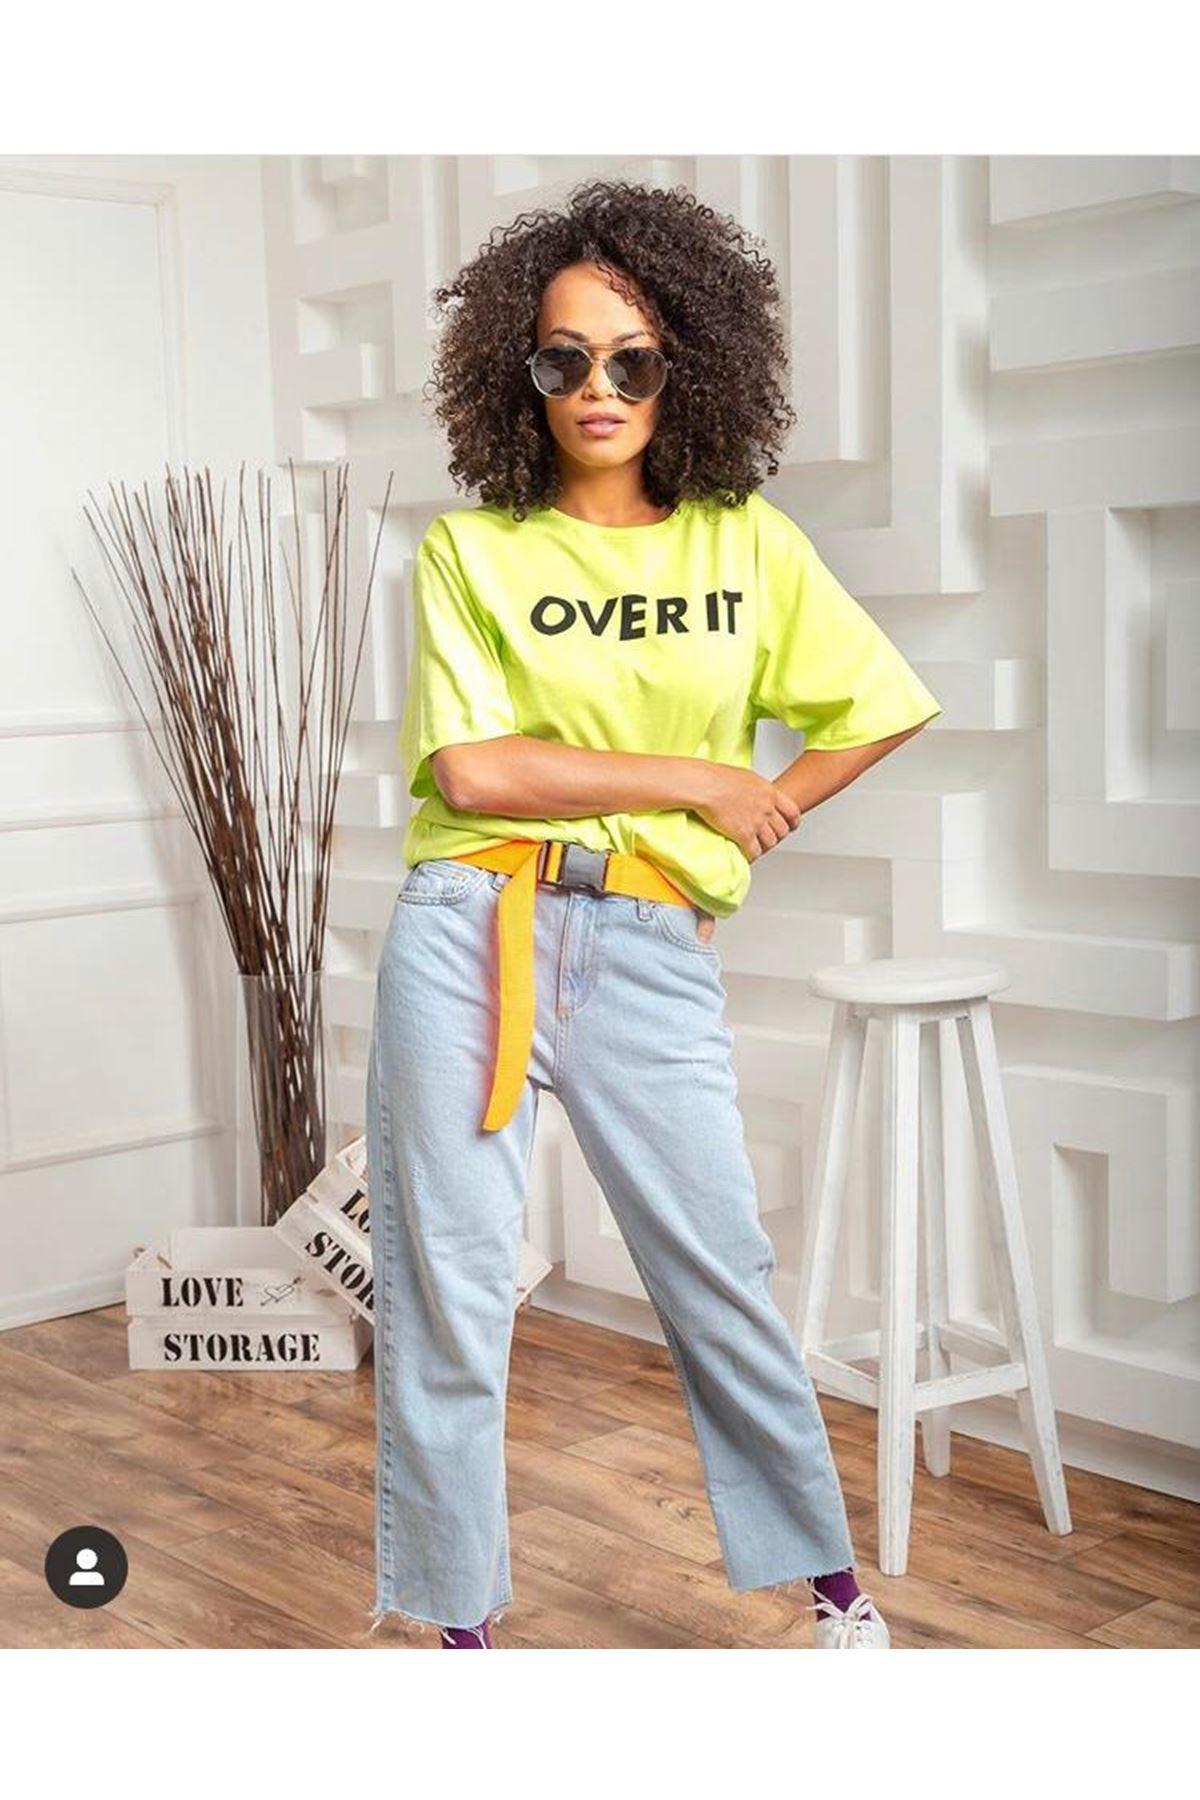 Over It Baskı Tshirt - YEŞİL